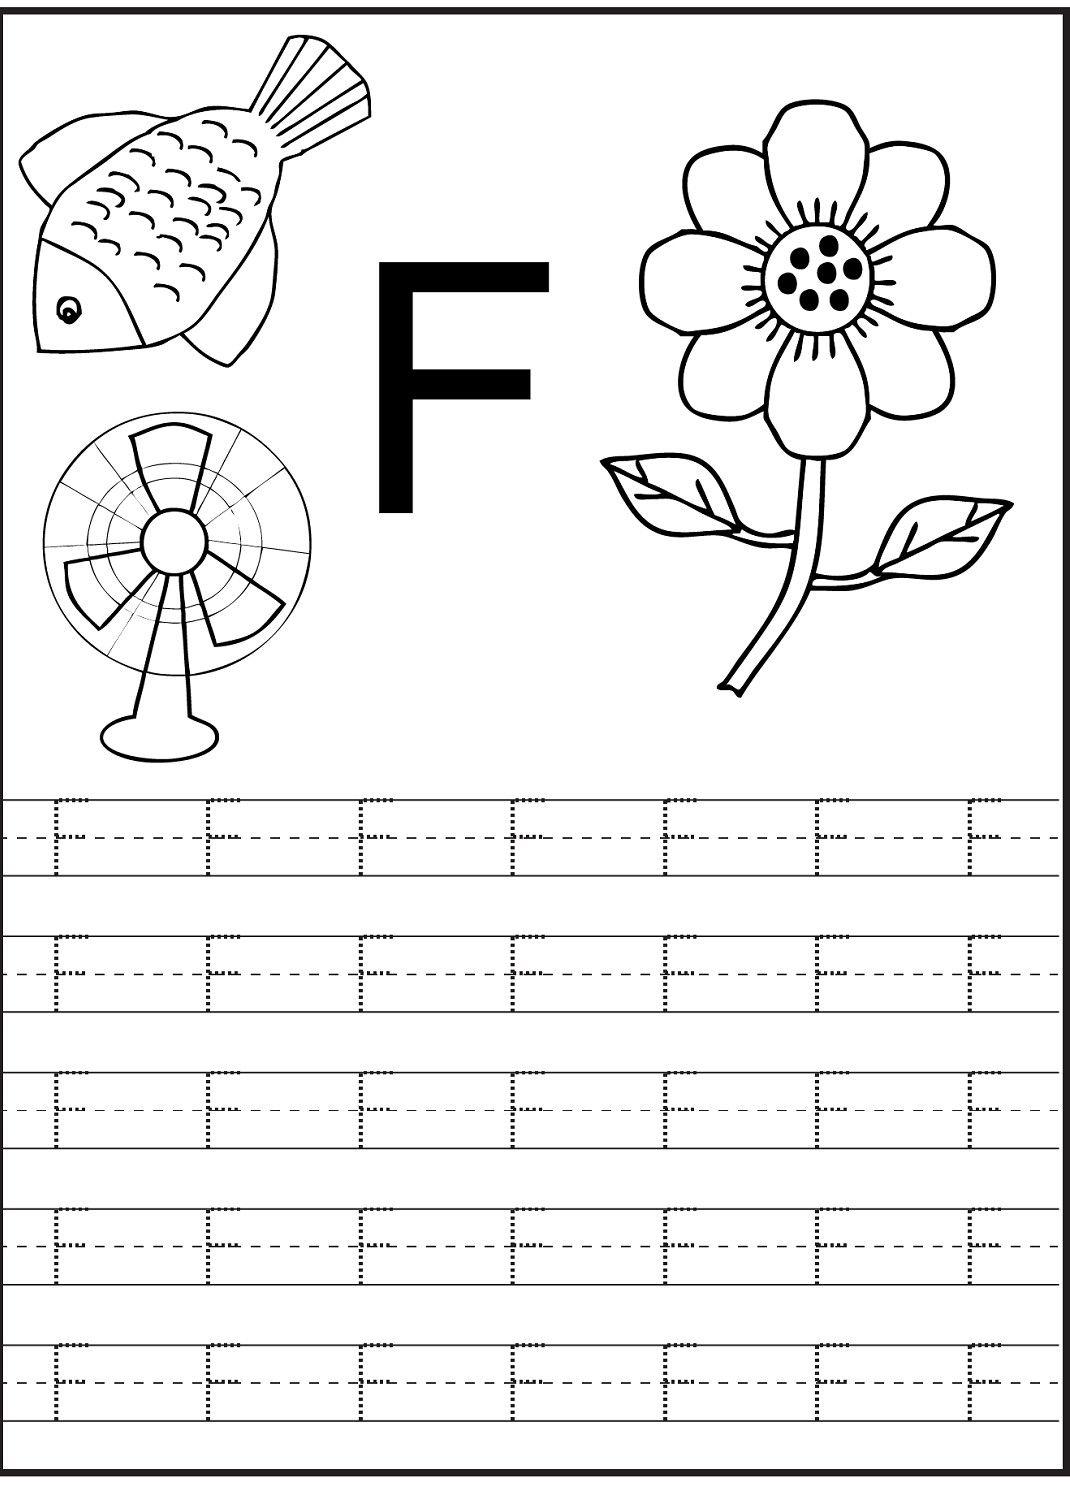 3 Worksheets For Kindergarten Sing Words Letter F Worksheet For Preschoo Writing Worksheets Kindergarten Printable Preschool Worksheets Kindergarten Worksheets [ 1485 x 1070 Pixel ]